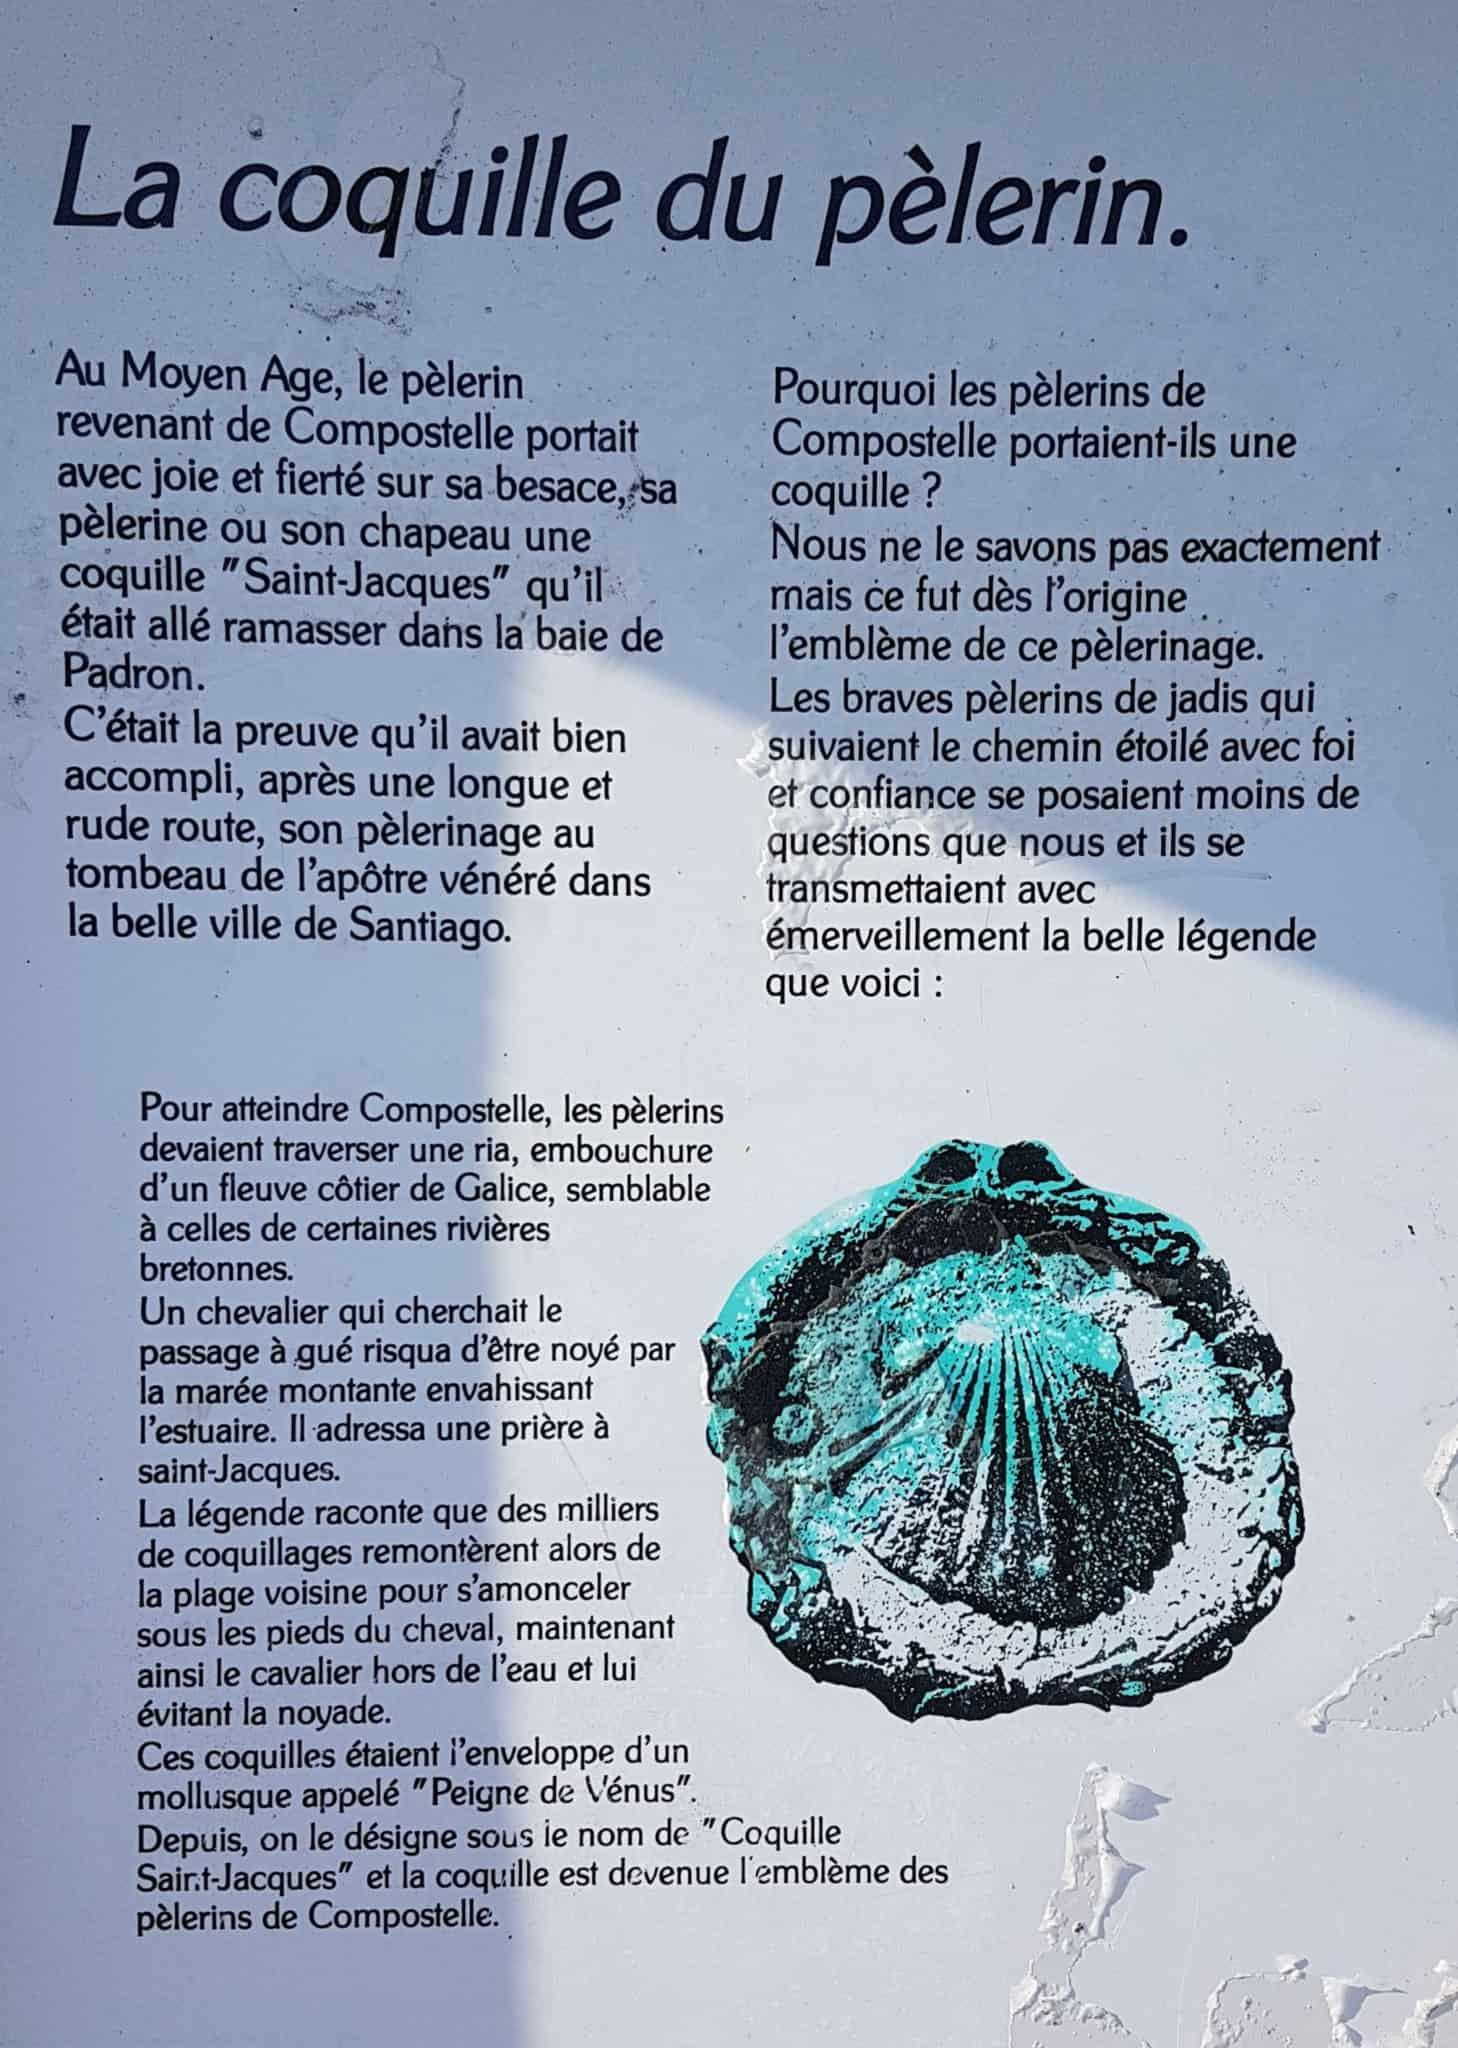 Chemin de Compostelle, on goûte pour la première fois l'aligot à Aumont-Aubrac 🥘 9